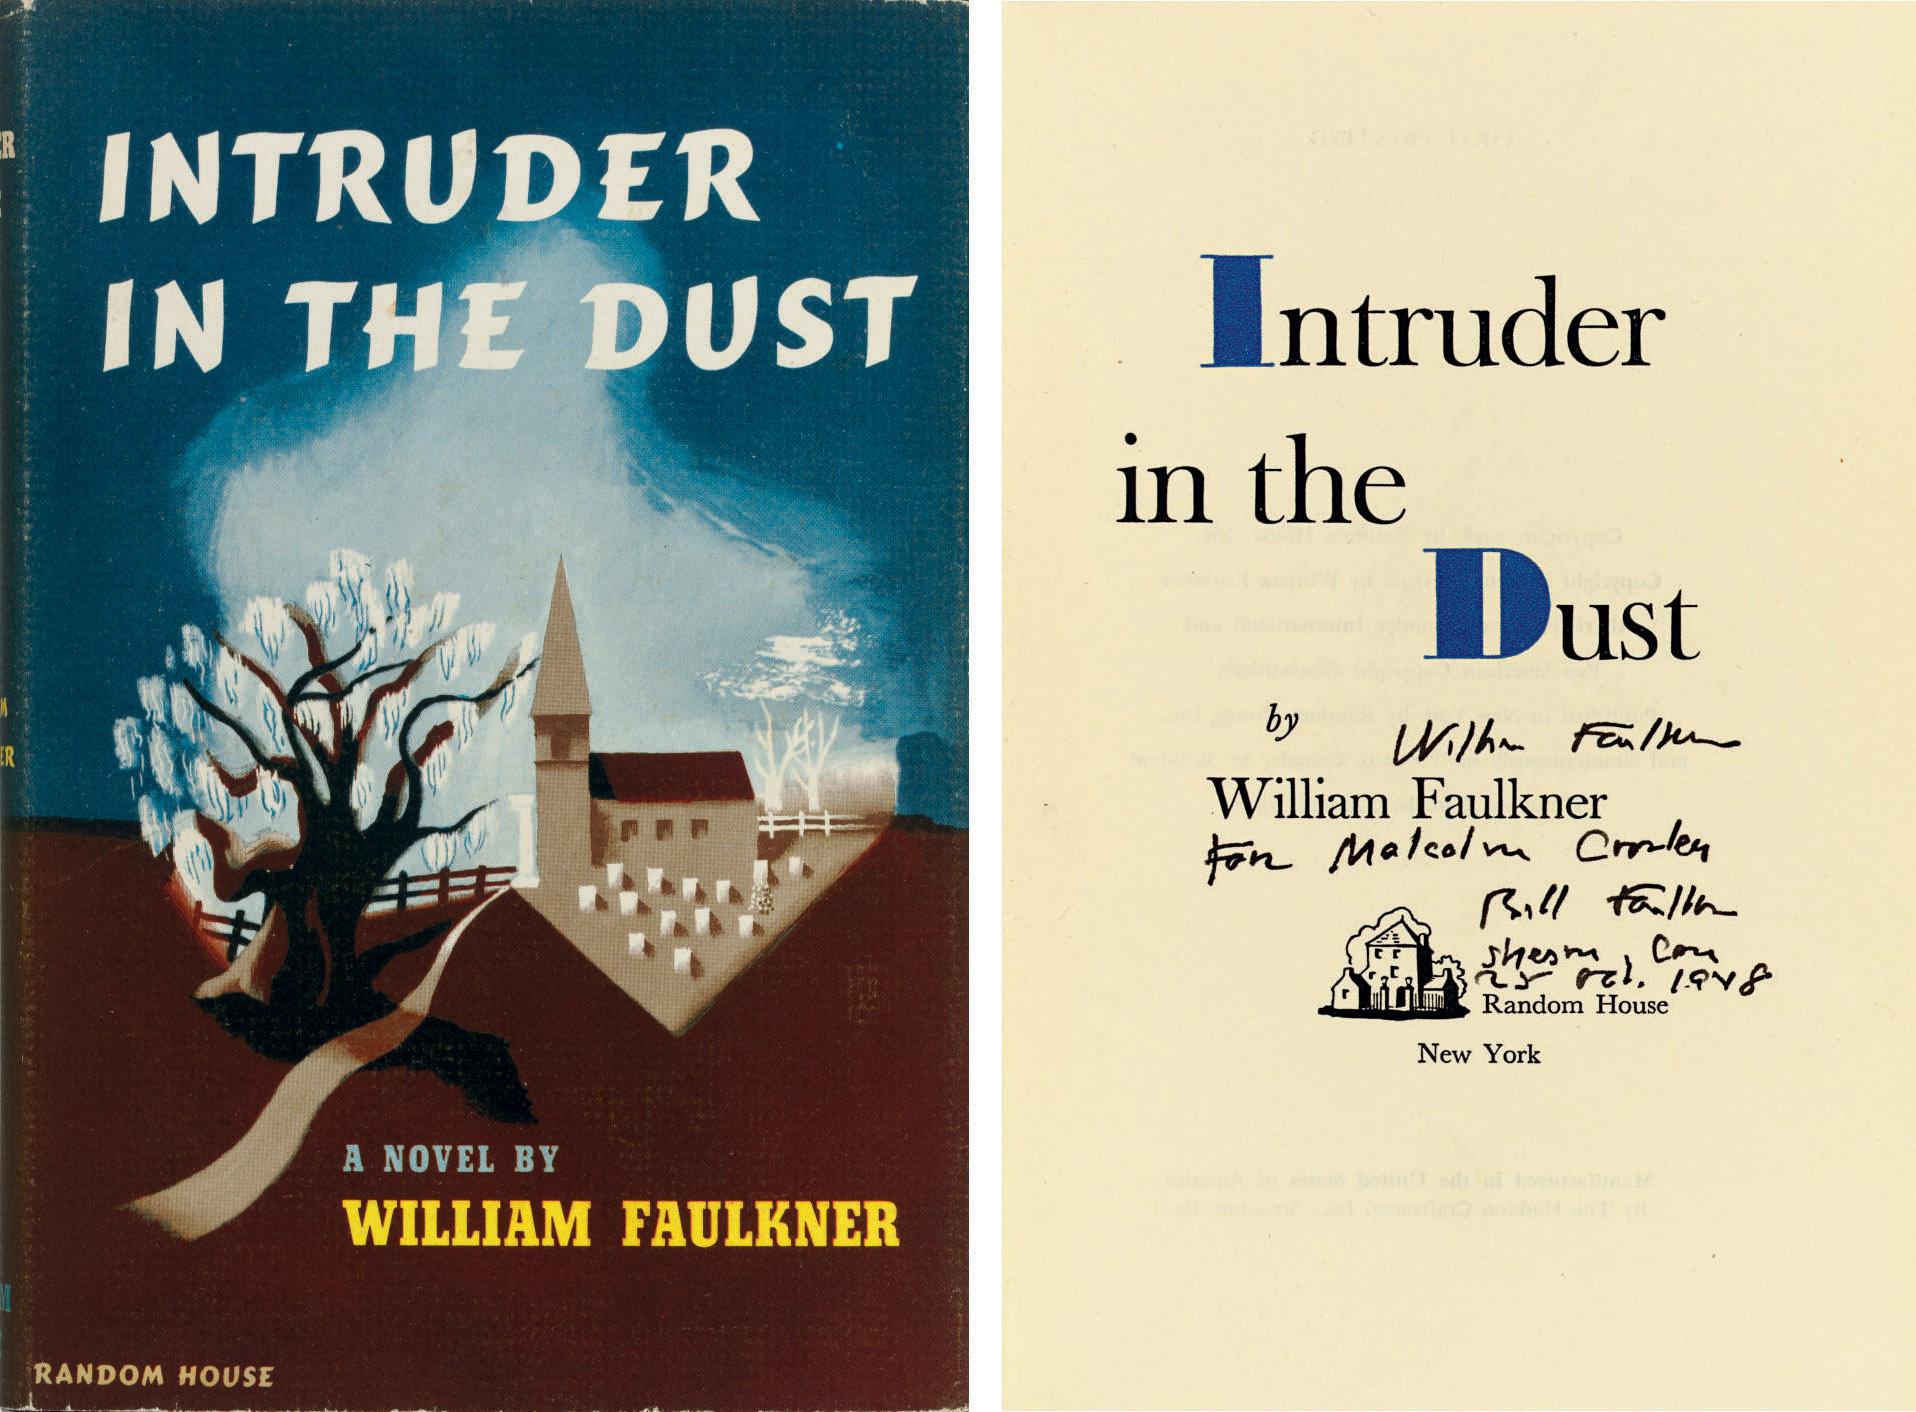 FAULKNER, William. Intruder in